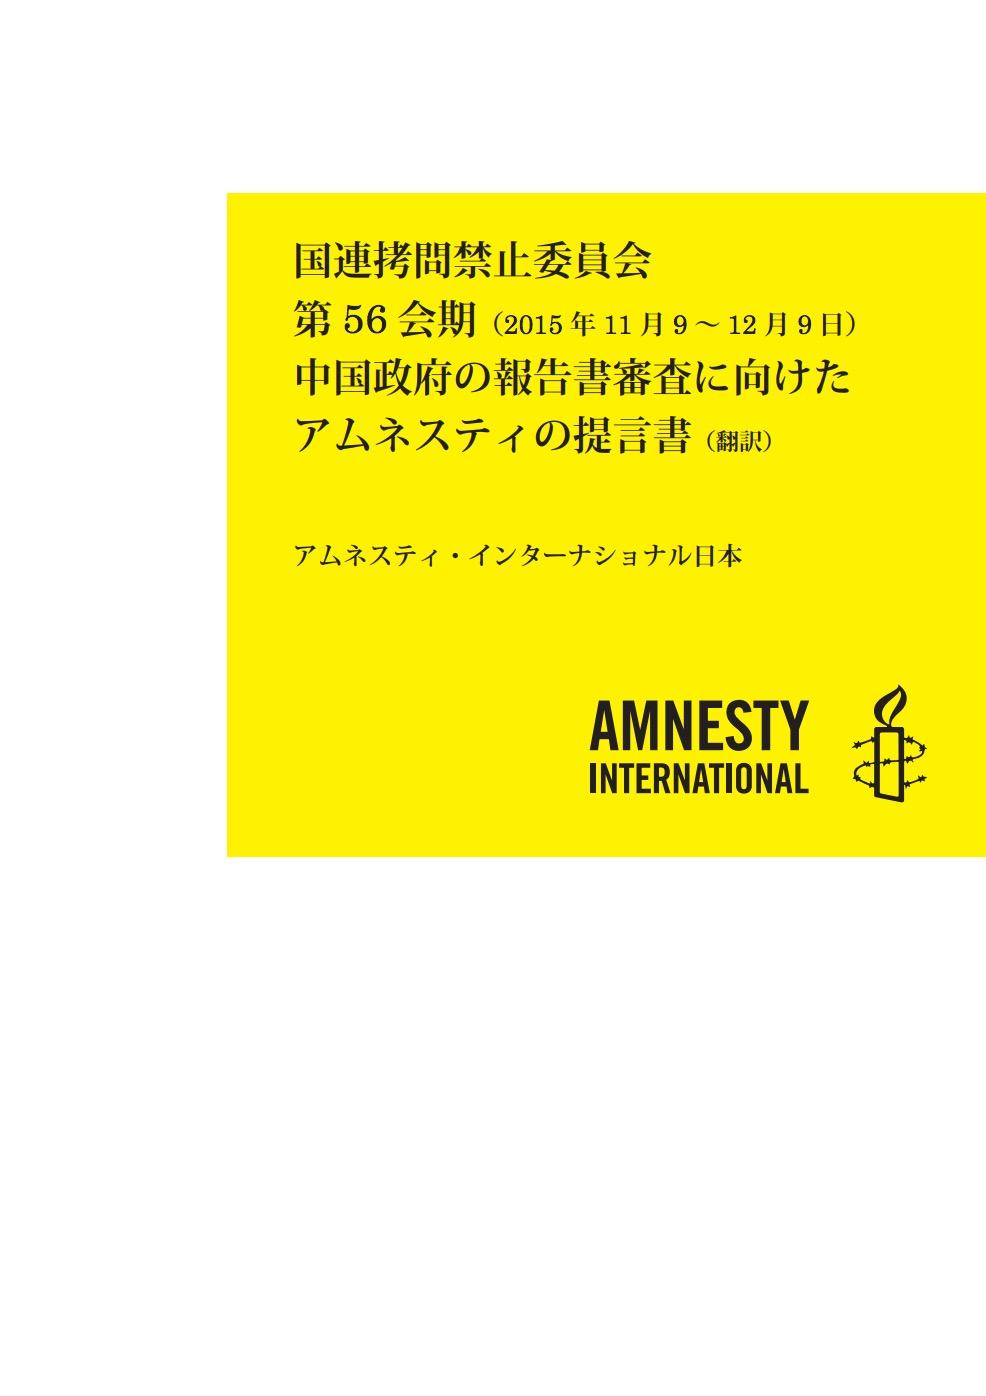 中国政府の報告書審査に向けた アムネスティの提言書